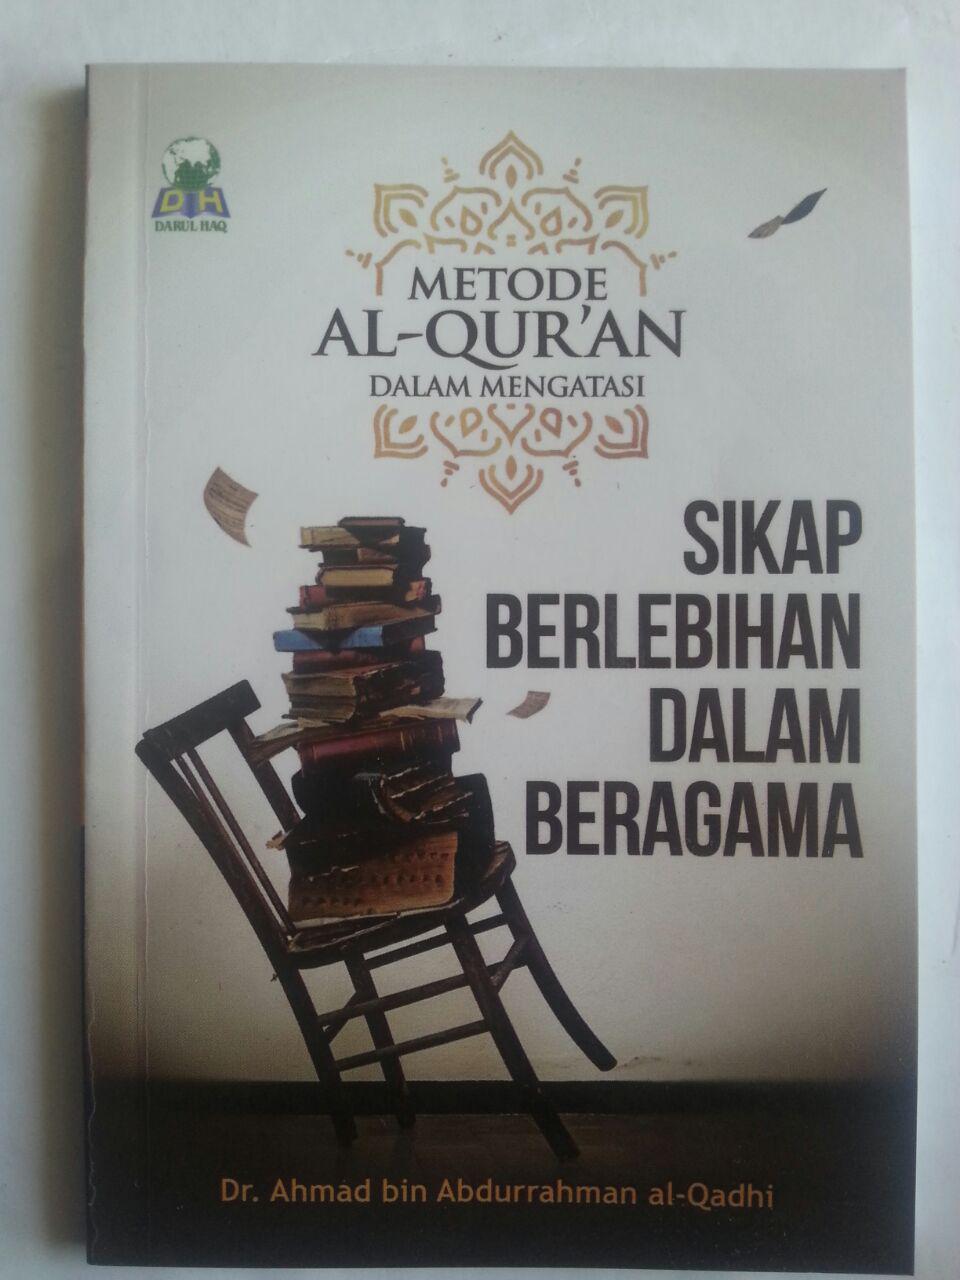 Buku Metode Al-Qur'an Dalam Mengatasi Sikap Berlebihan Dalam Agama cover 2